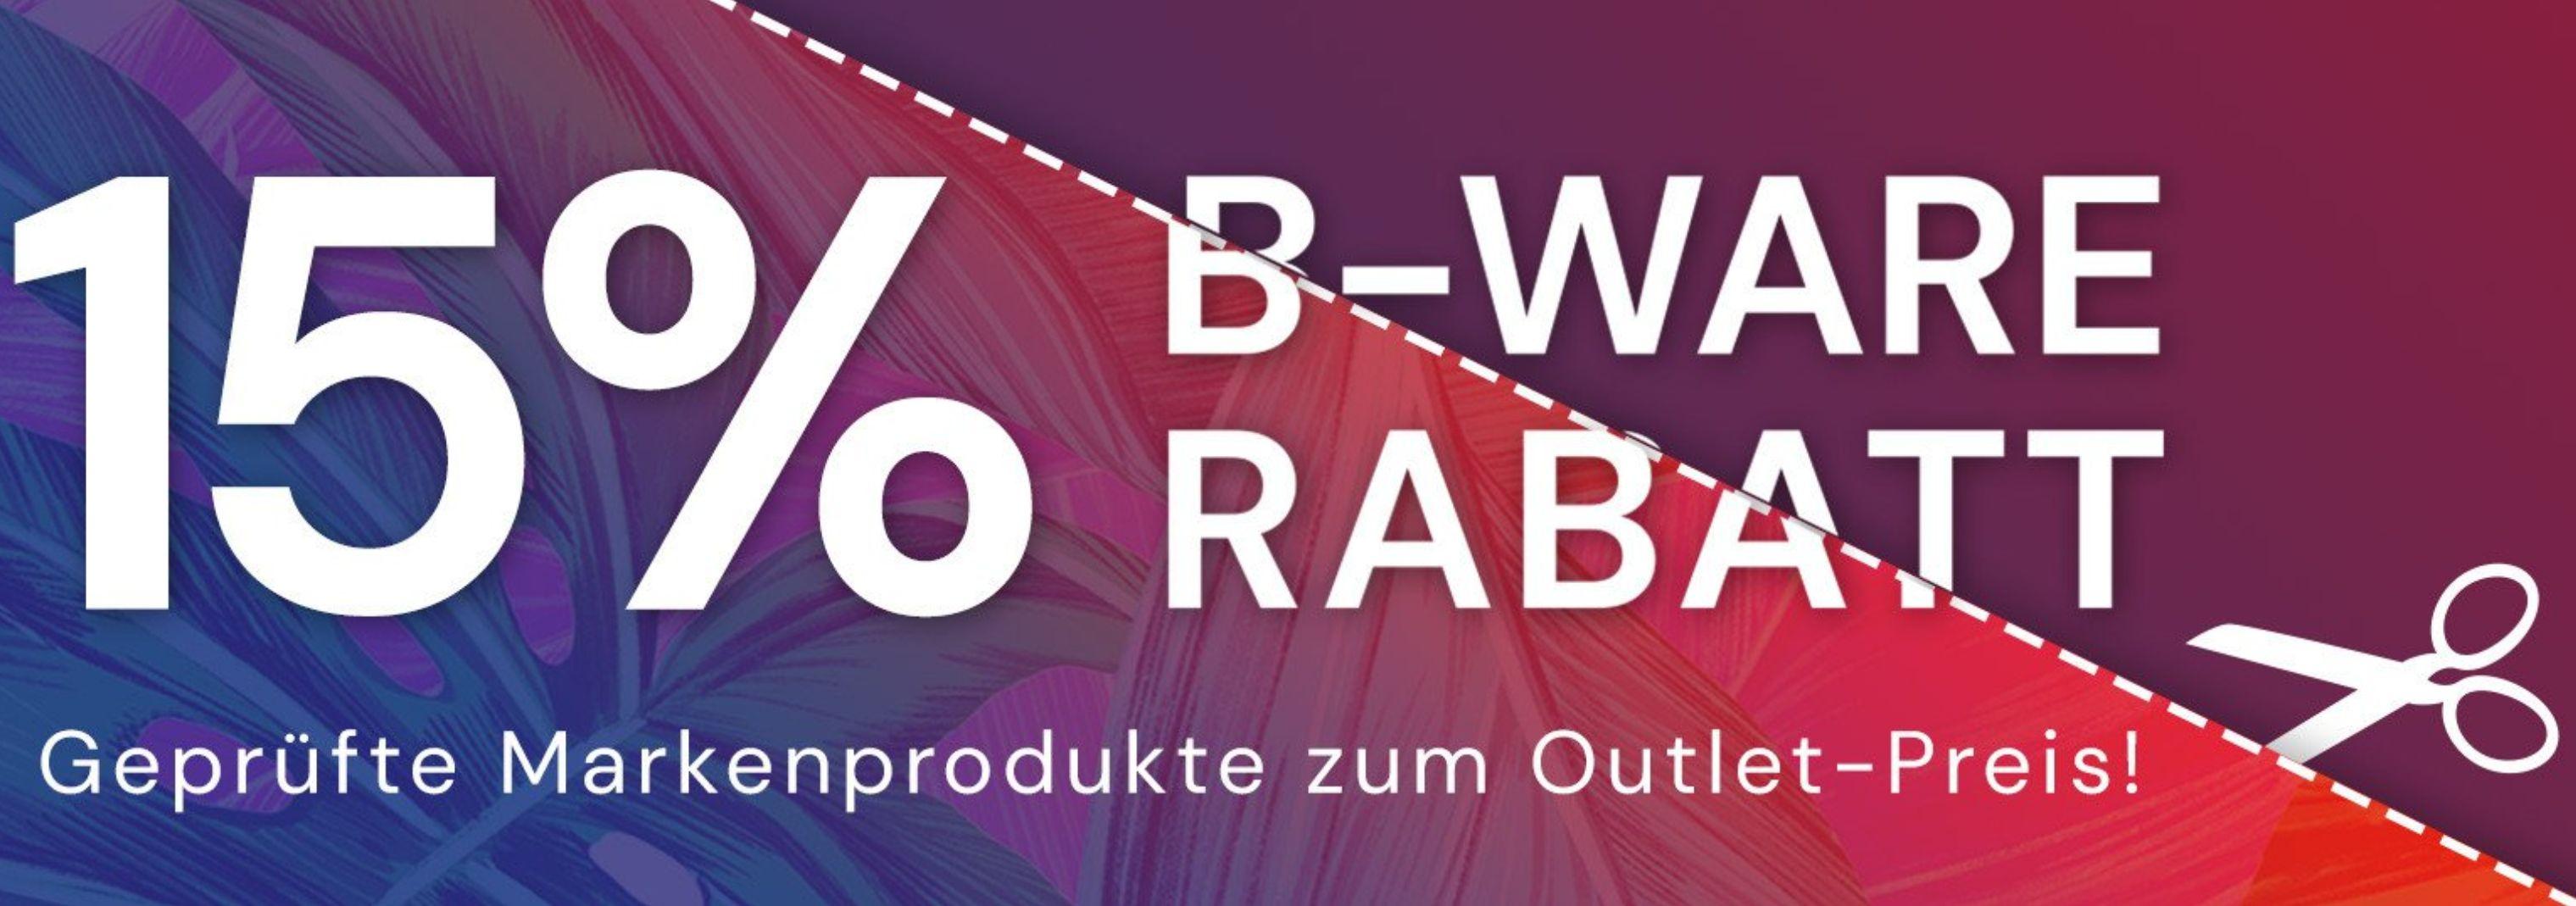 15% auf B-Ware bei Office Partner (Aussteller, Retouren oder Neuware mit beschädigter Verpackung)